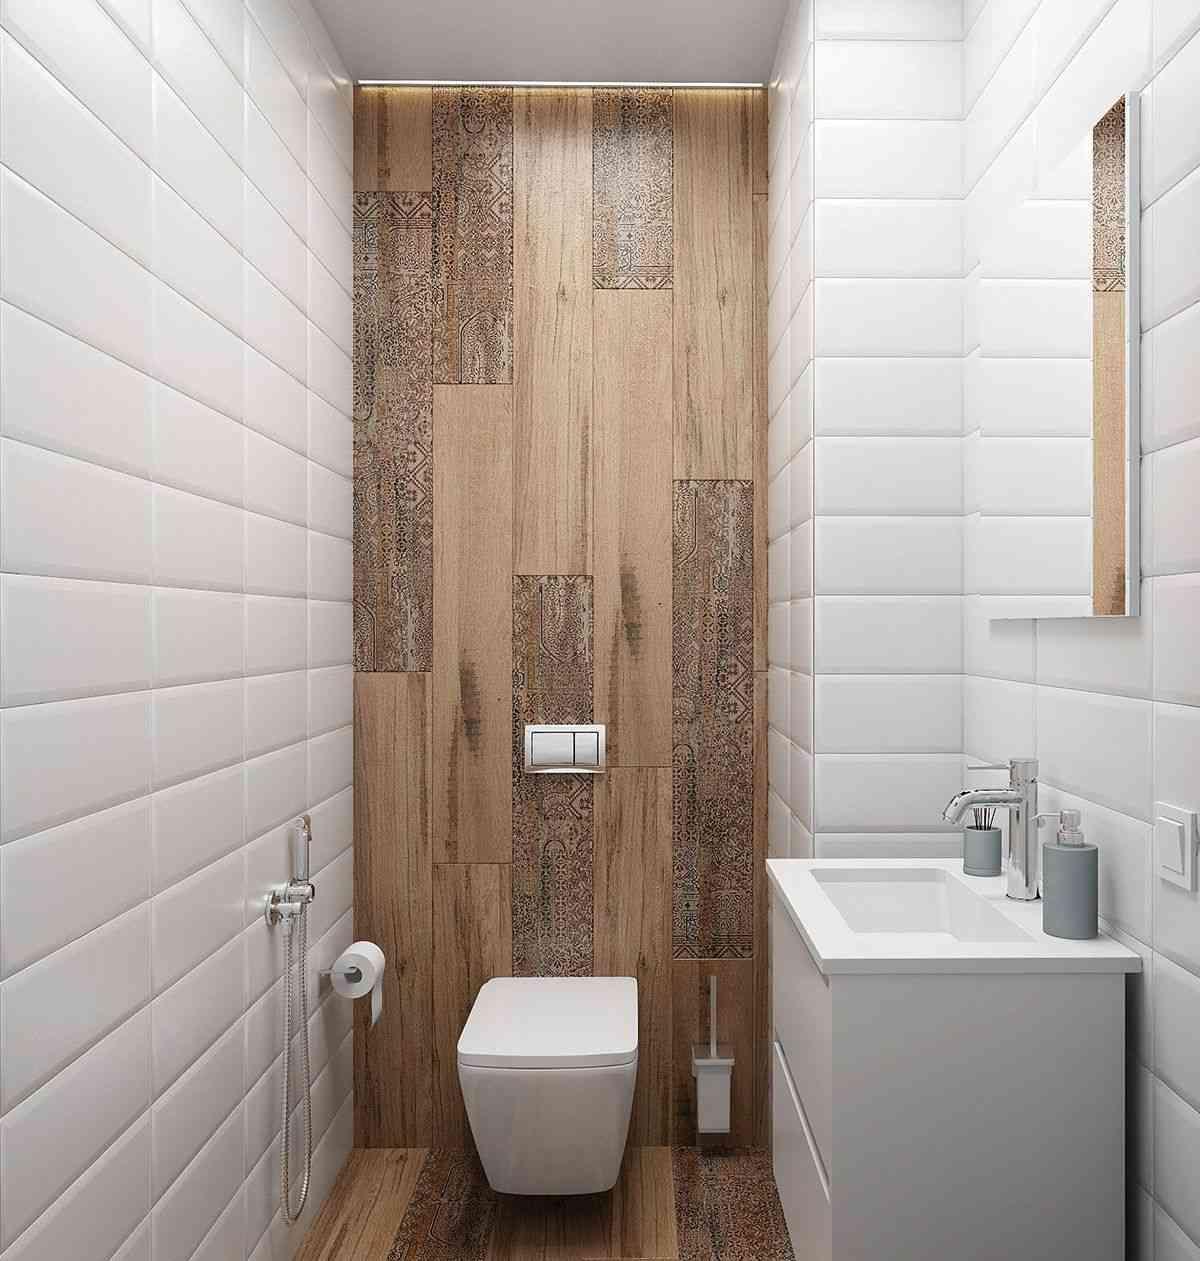 Badezimmer Weiss Mit Holz Gestalten Tolle Kombinationen Und Designs In 2020 Kleine Badezimmer Design Kleines Bad Gestalten Badezimmer Klein